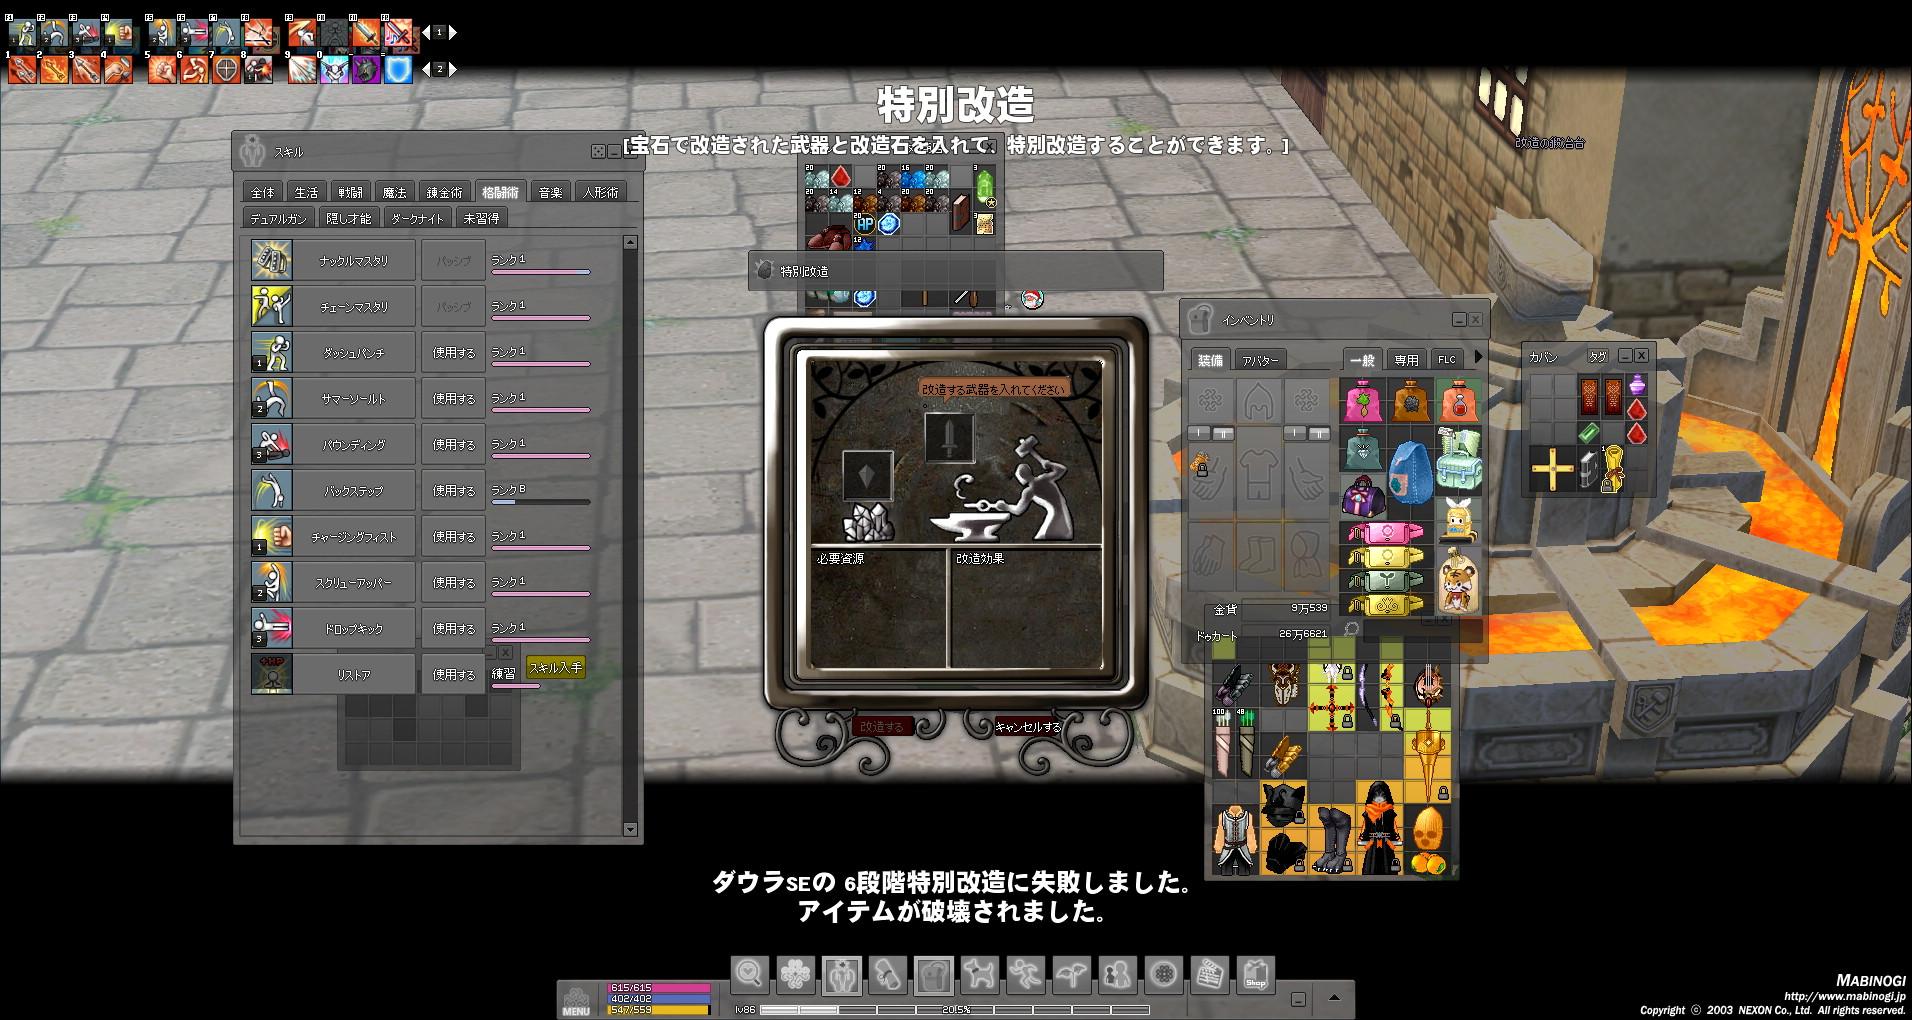 mabinogi_2014_01_20_001.jpg